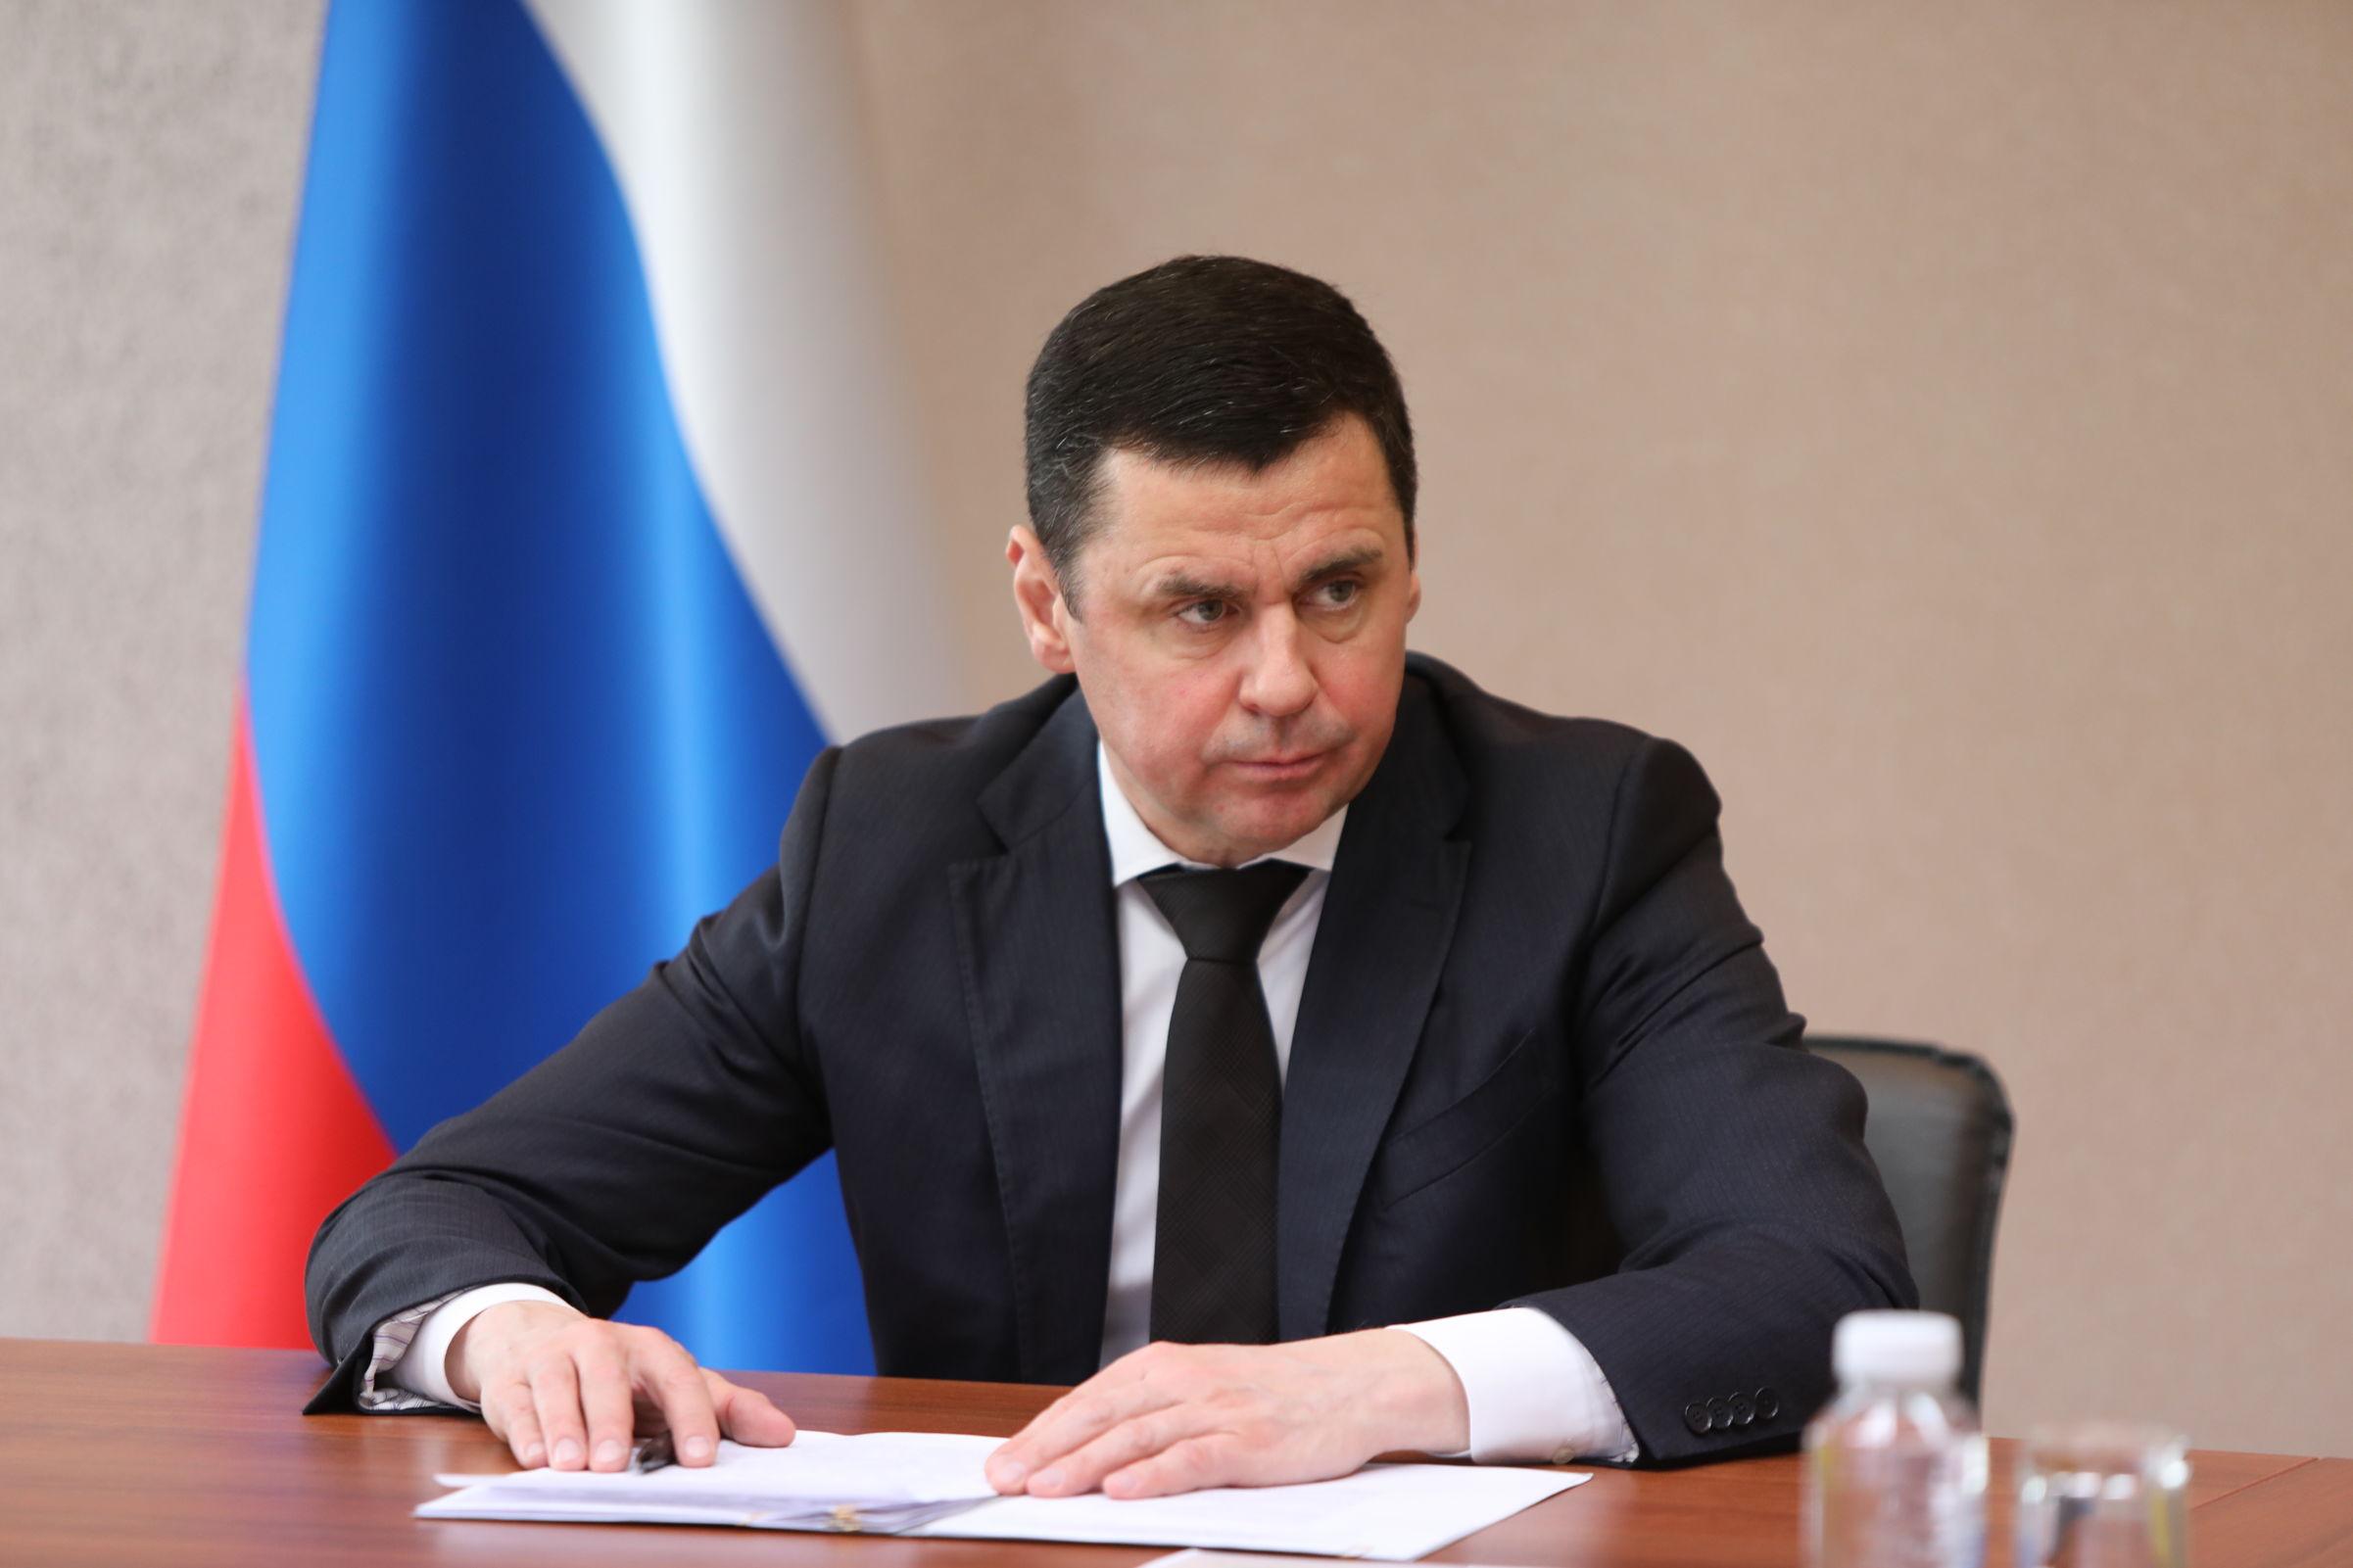 Дмитрий Миронов рассказал, что объем судостроительной продукции вырос в полтора раза